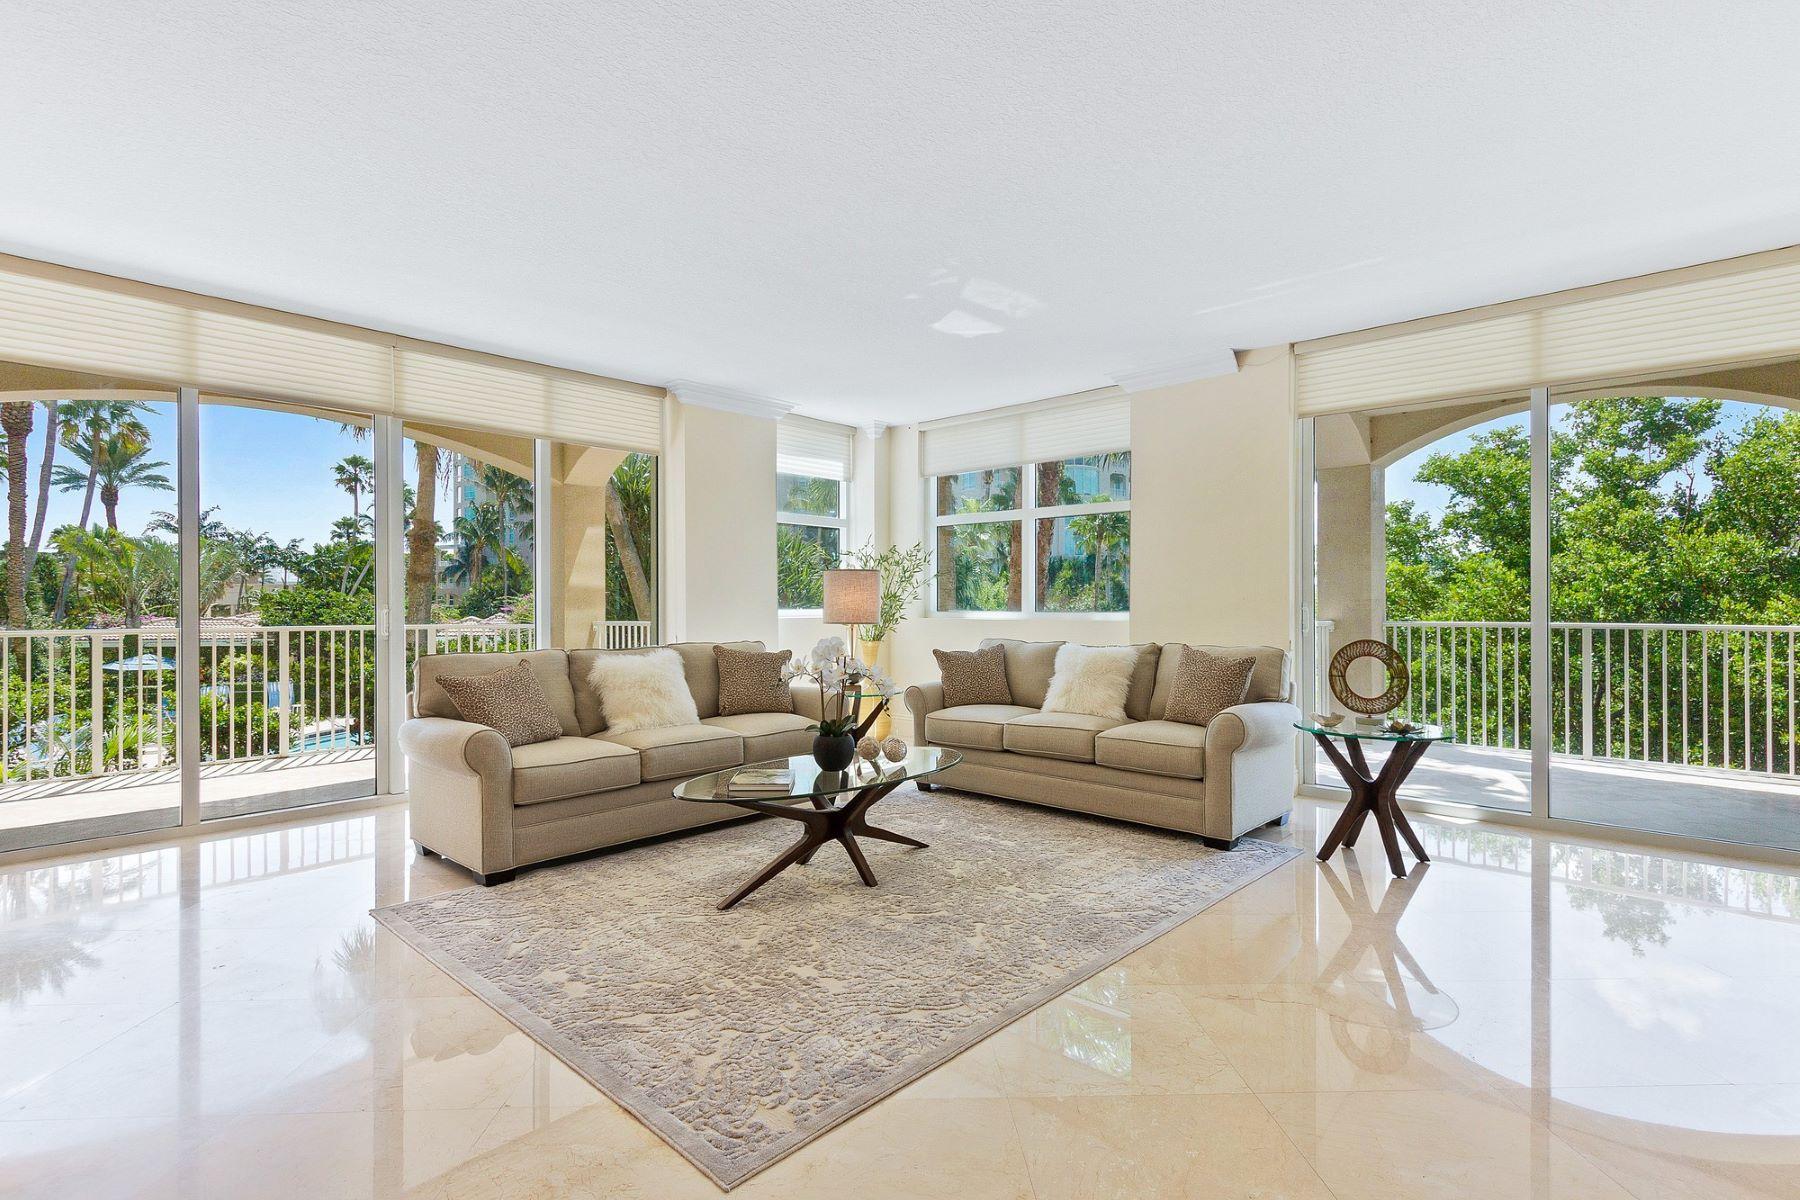 Condominium for Active at 3720 S Ocean Blvd , 201a, Highland Beach, FL 33487 3720 S Ocean Blvd 201a Highland Beach, Florida 33487 United States